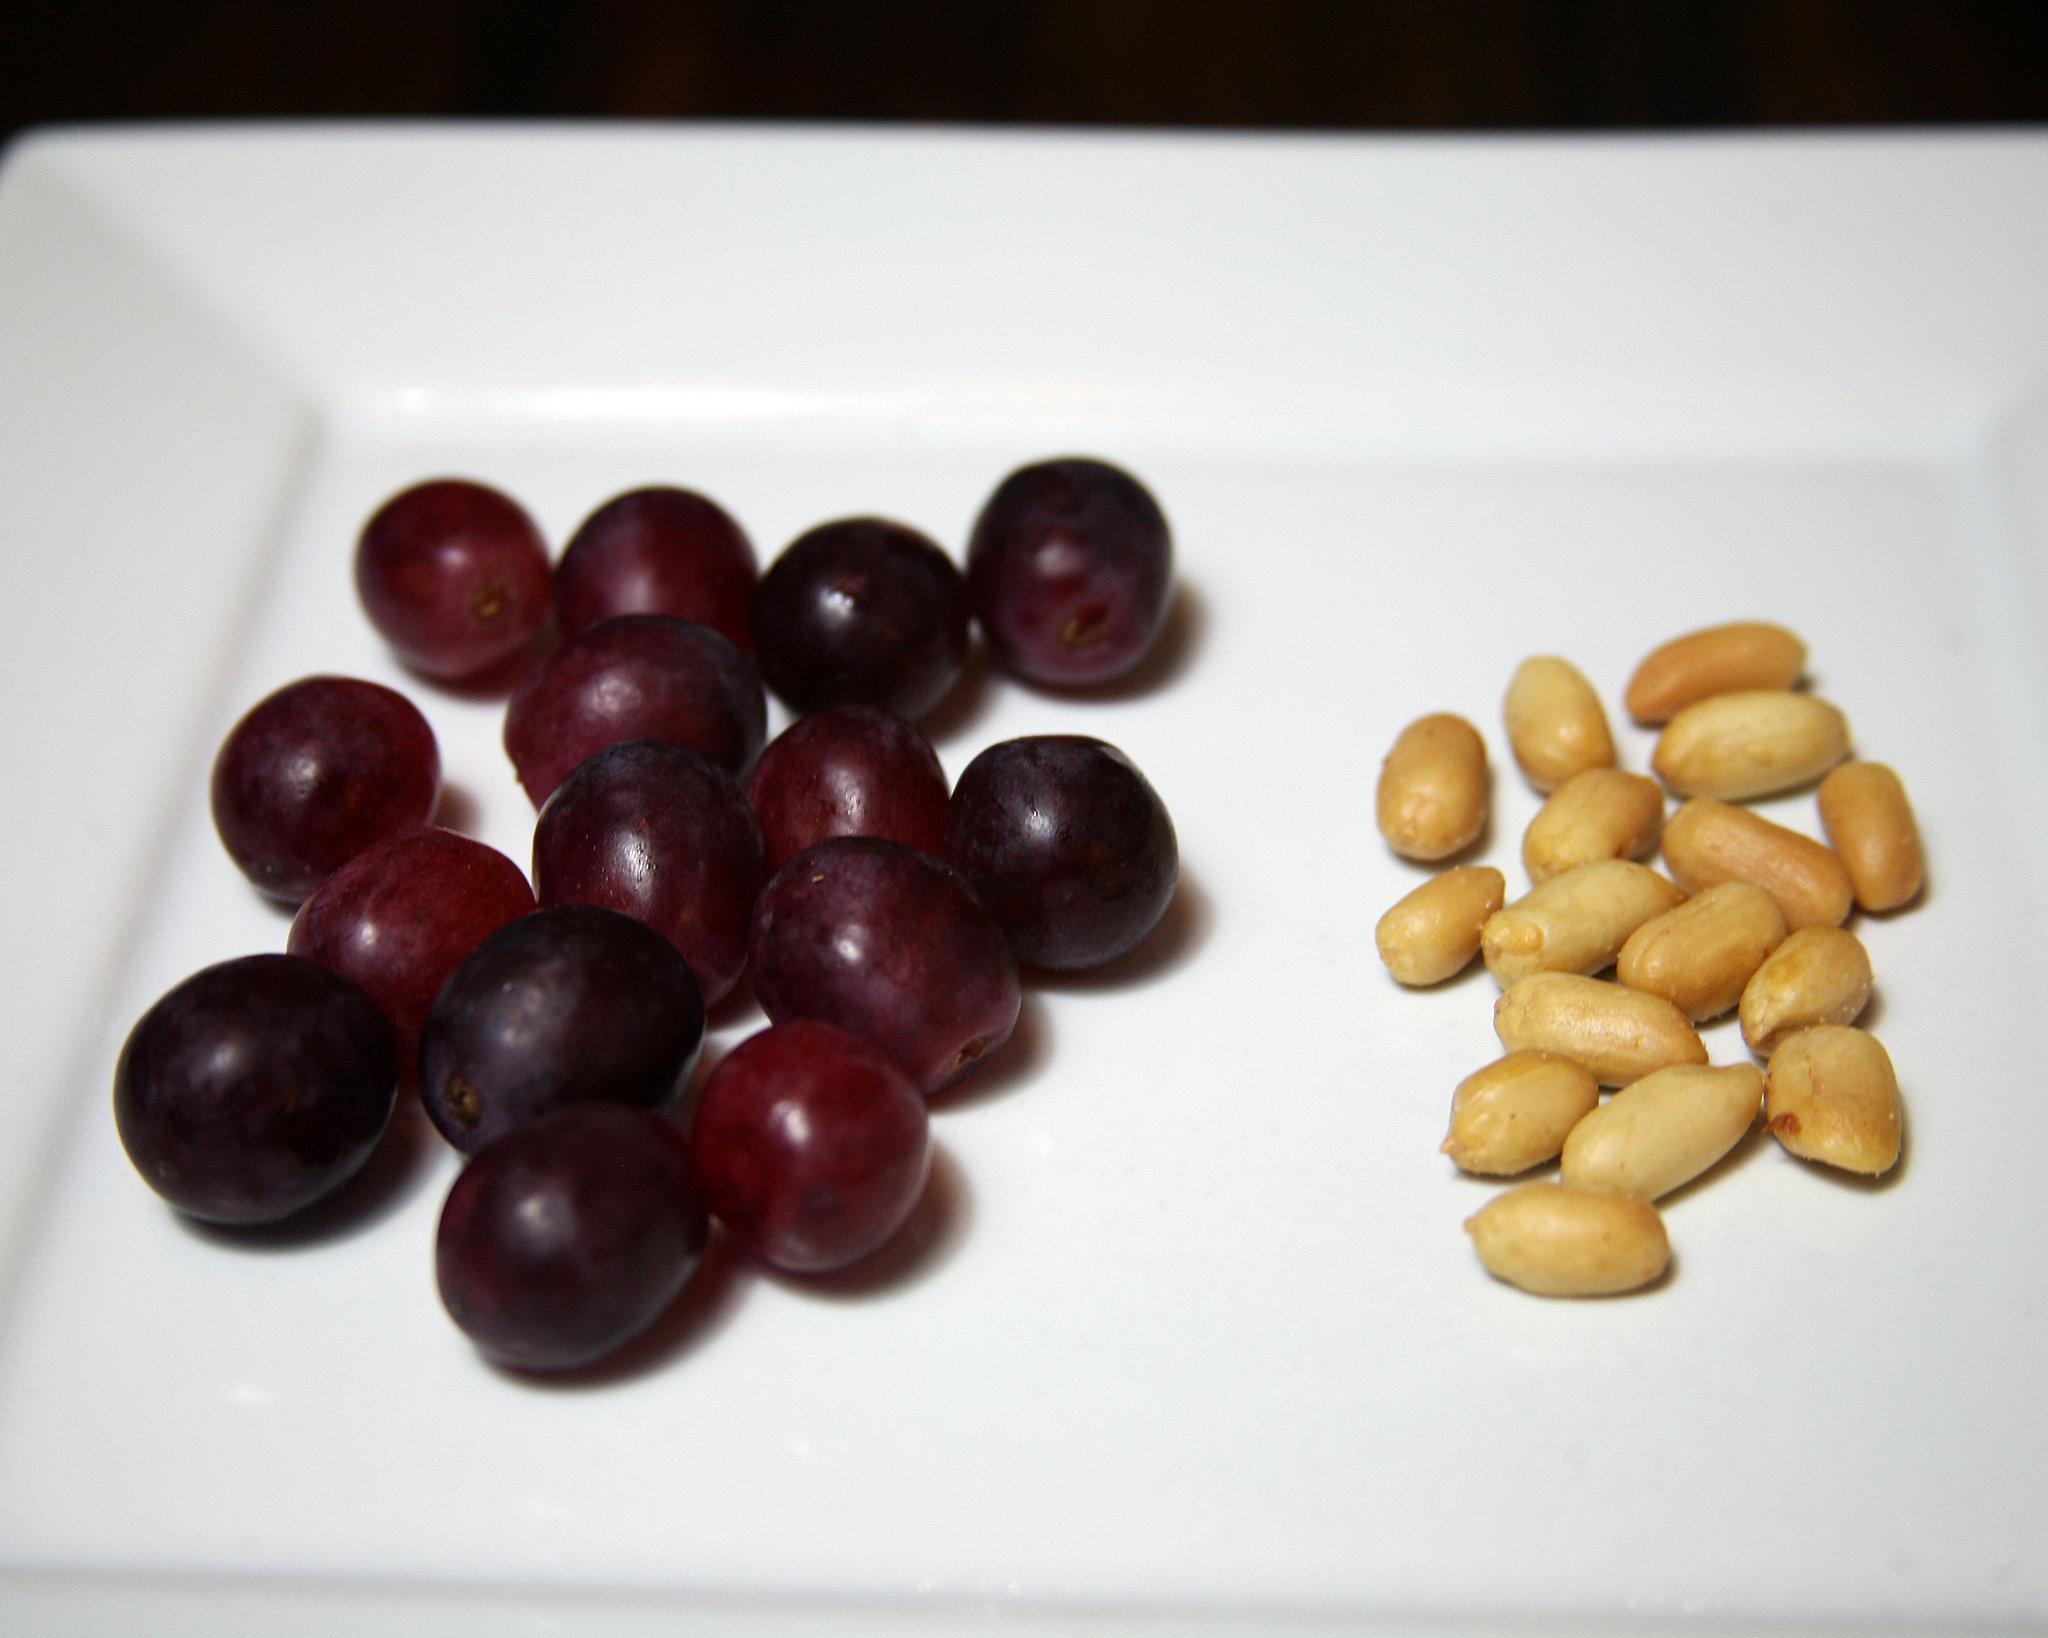 Grapes and Peanuts